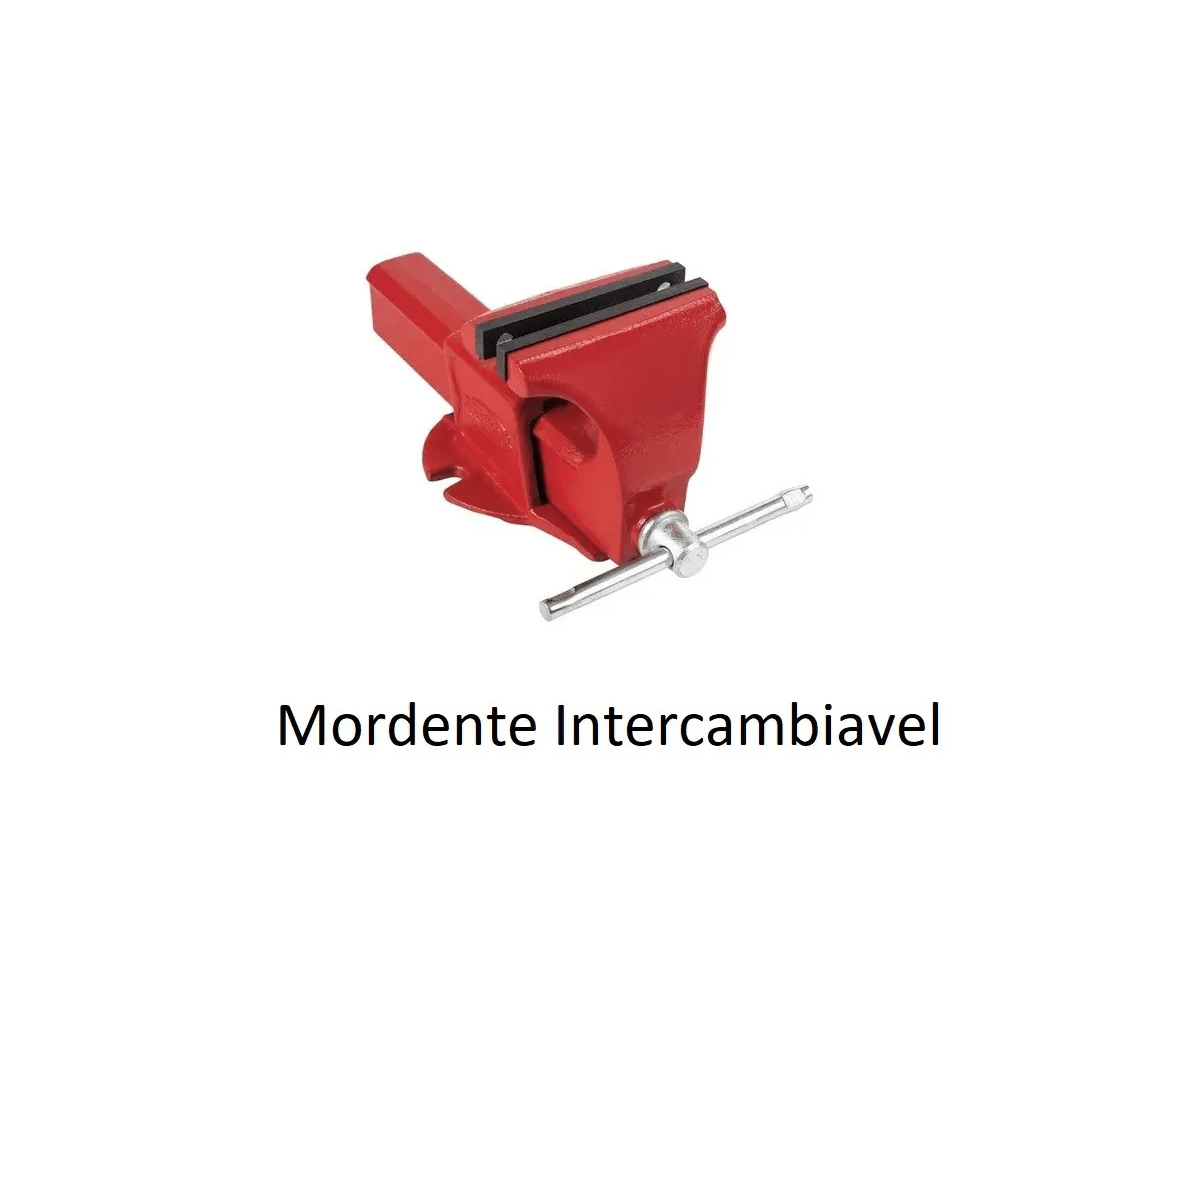 Morsa Torno de Bancada Nr3 Mordente Intercambiável Metalsul